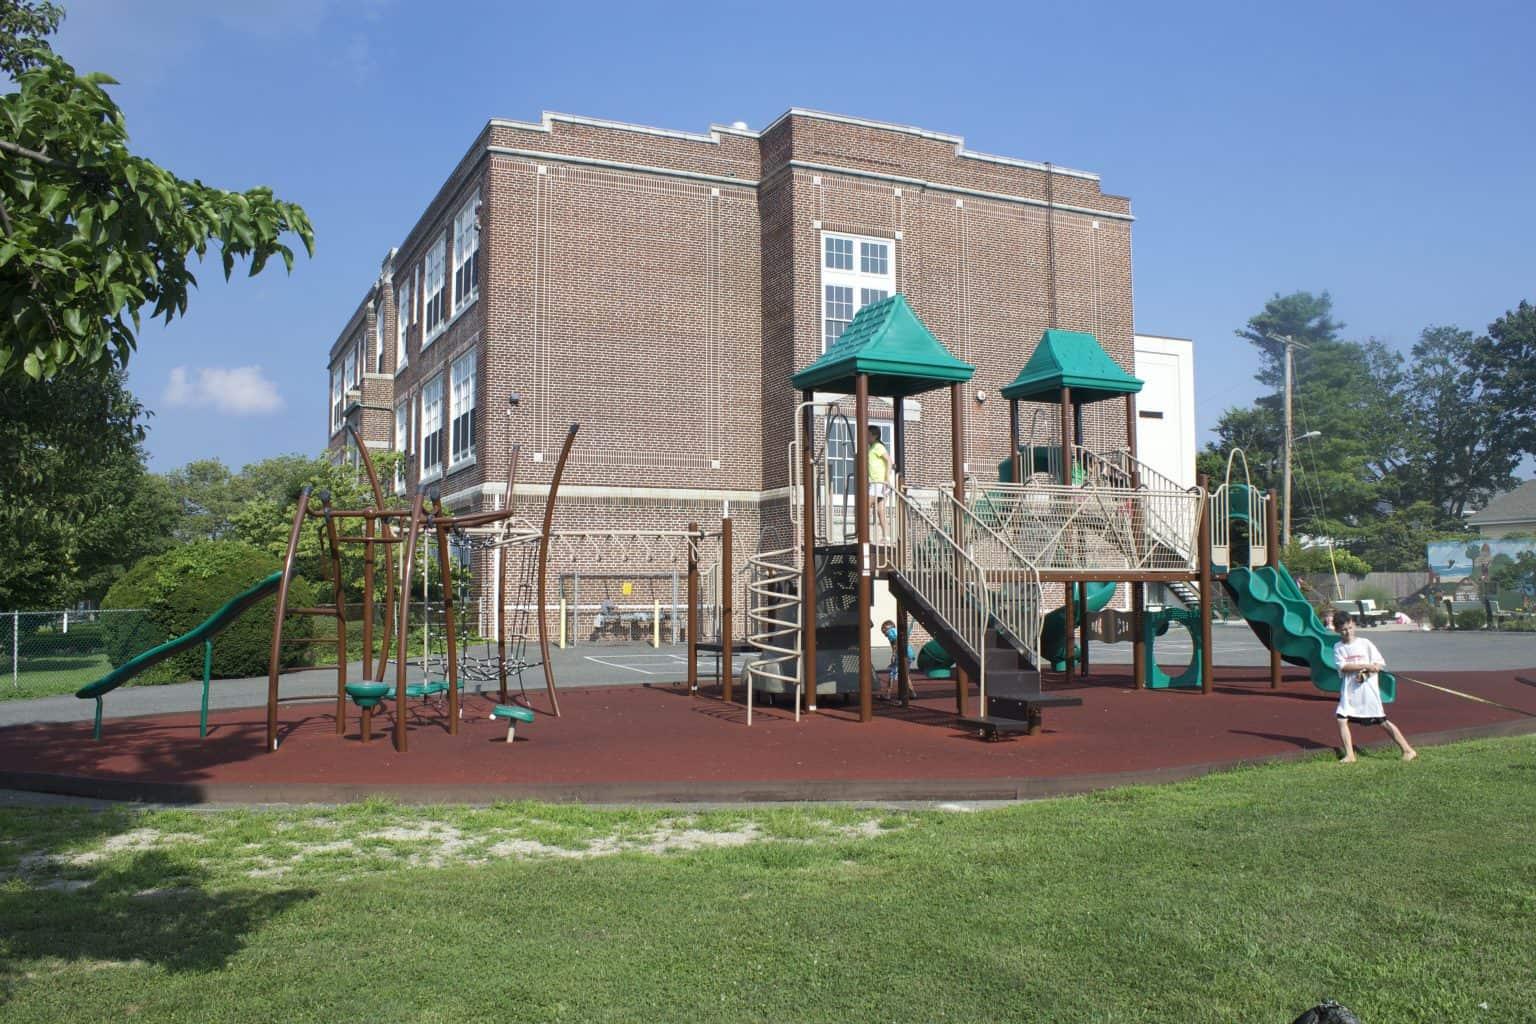 mountz-elementary-playground-spring-lake-nj_11653711485_o-1536x1024